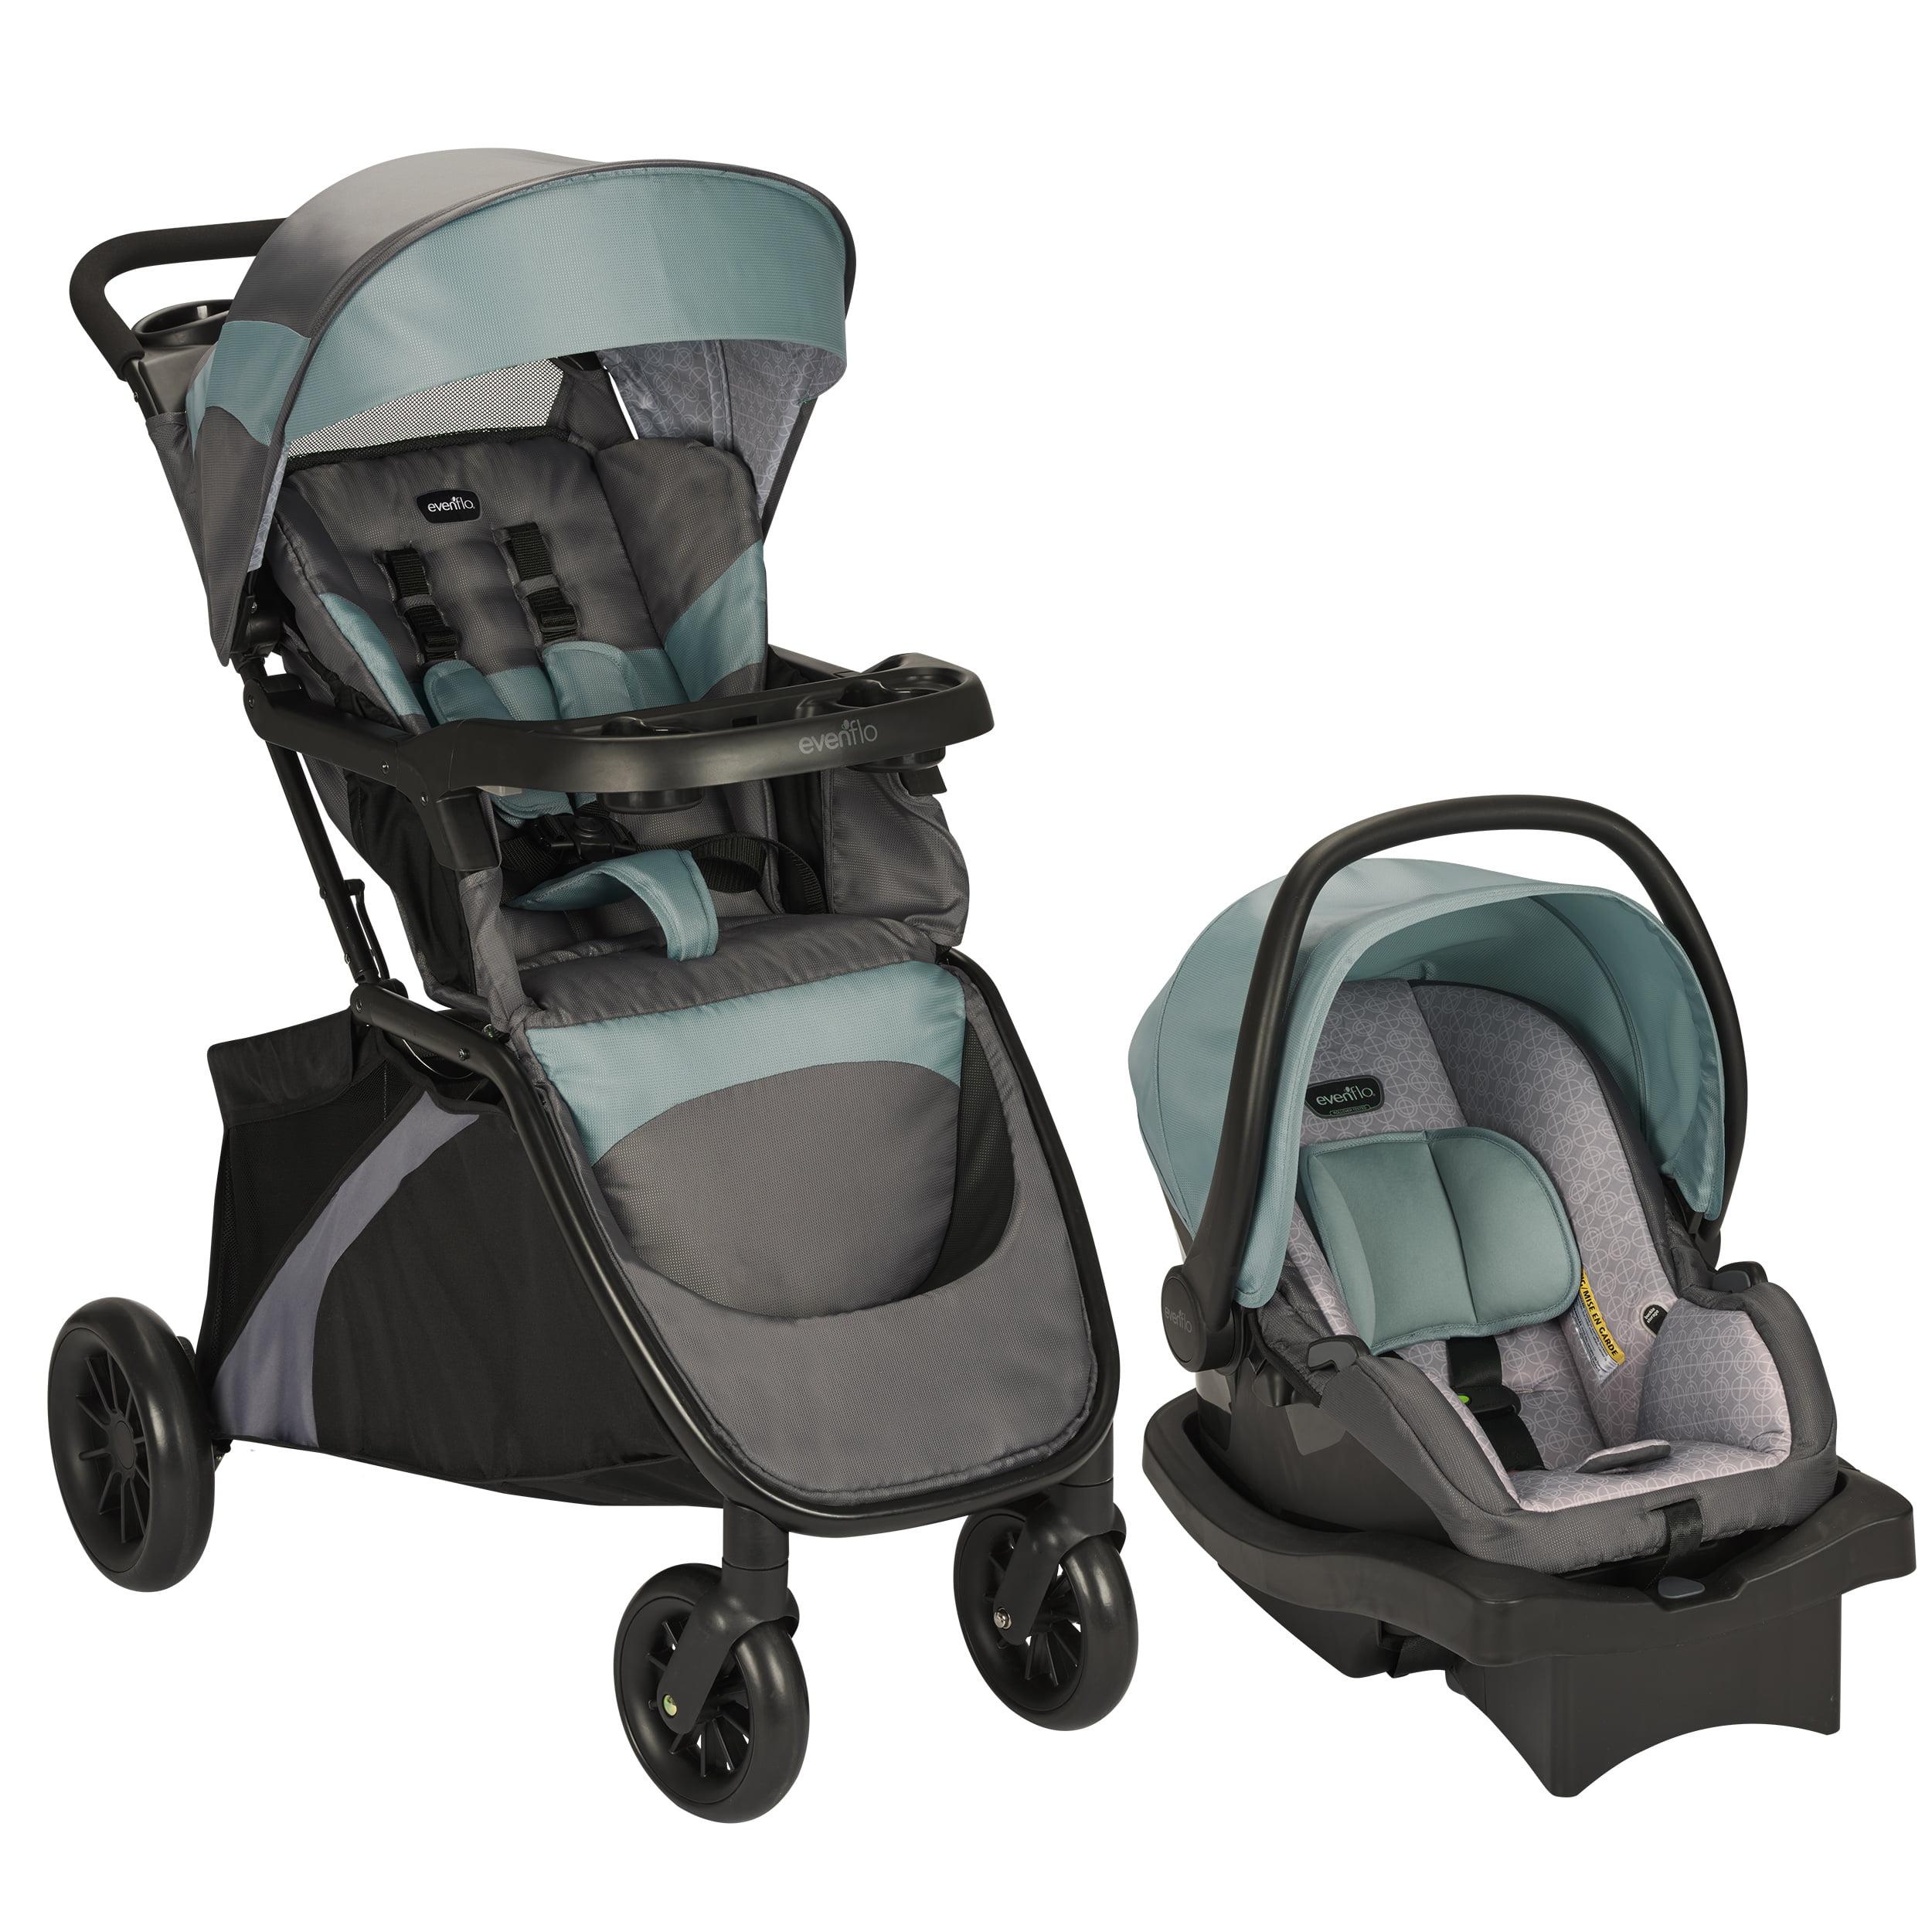 Evenflo Infant Car Seat Blue Advanced SensorSafe Epic Travel System W LiteMax